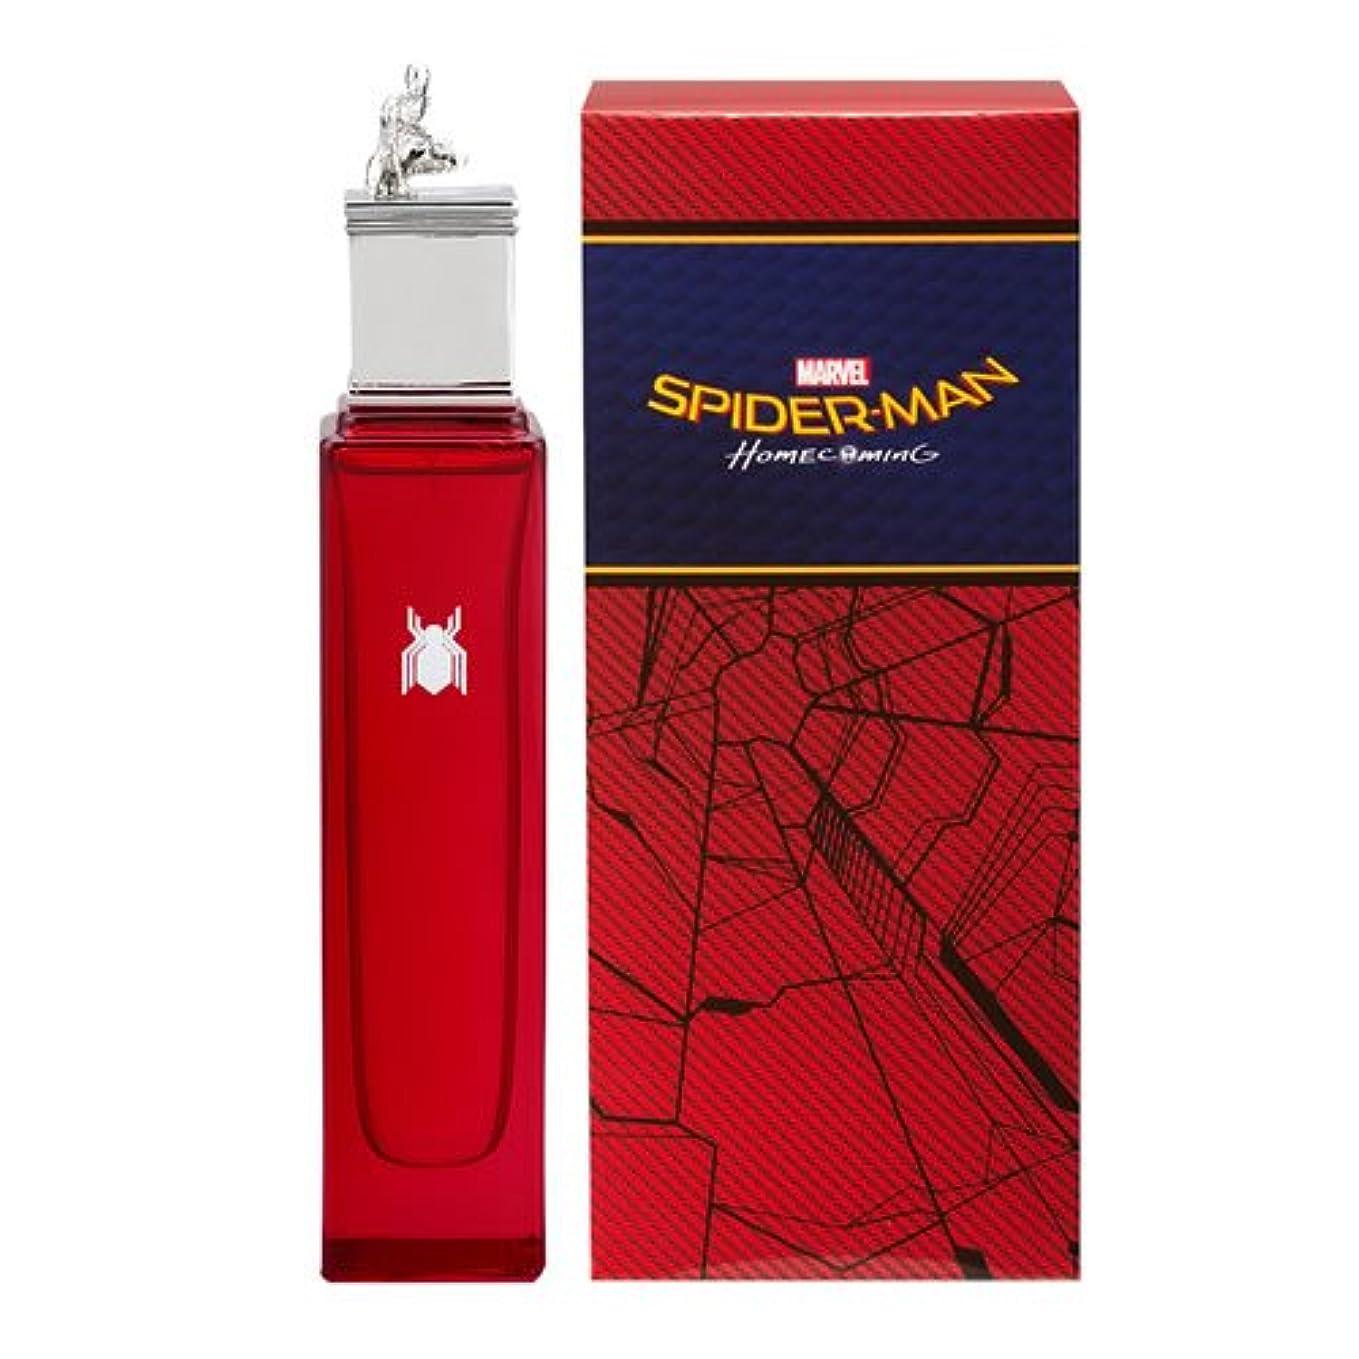 晴れしないでください城◆【MARVEL】Unisex香水◆トゥーザシーン スパイダーマン オードトワレEDT 50ml◆